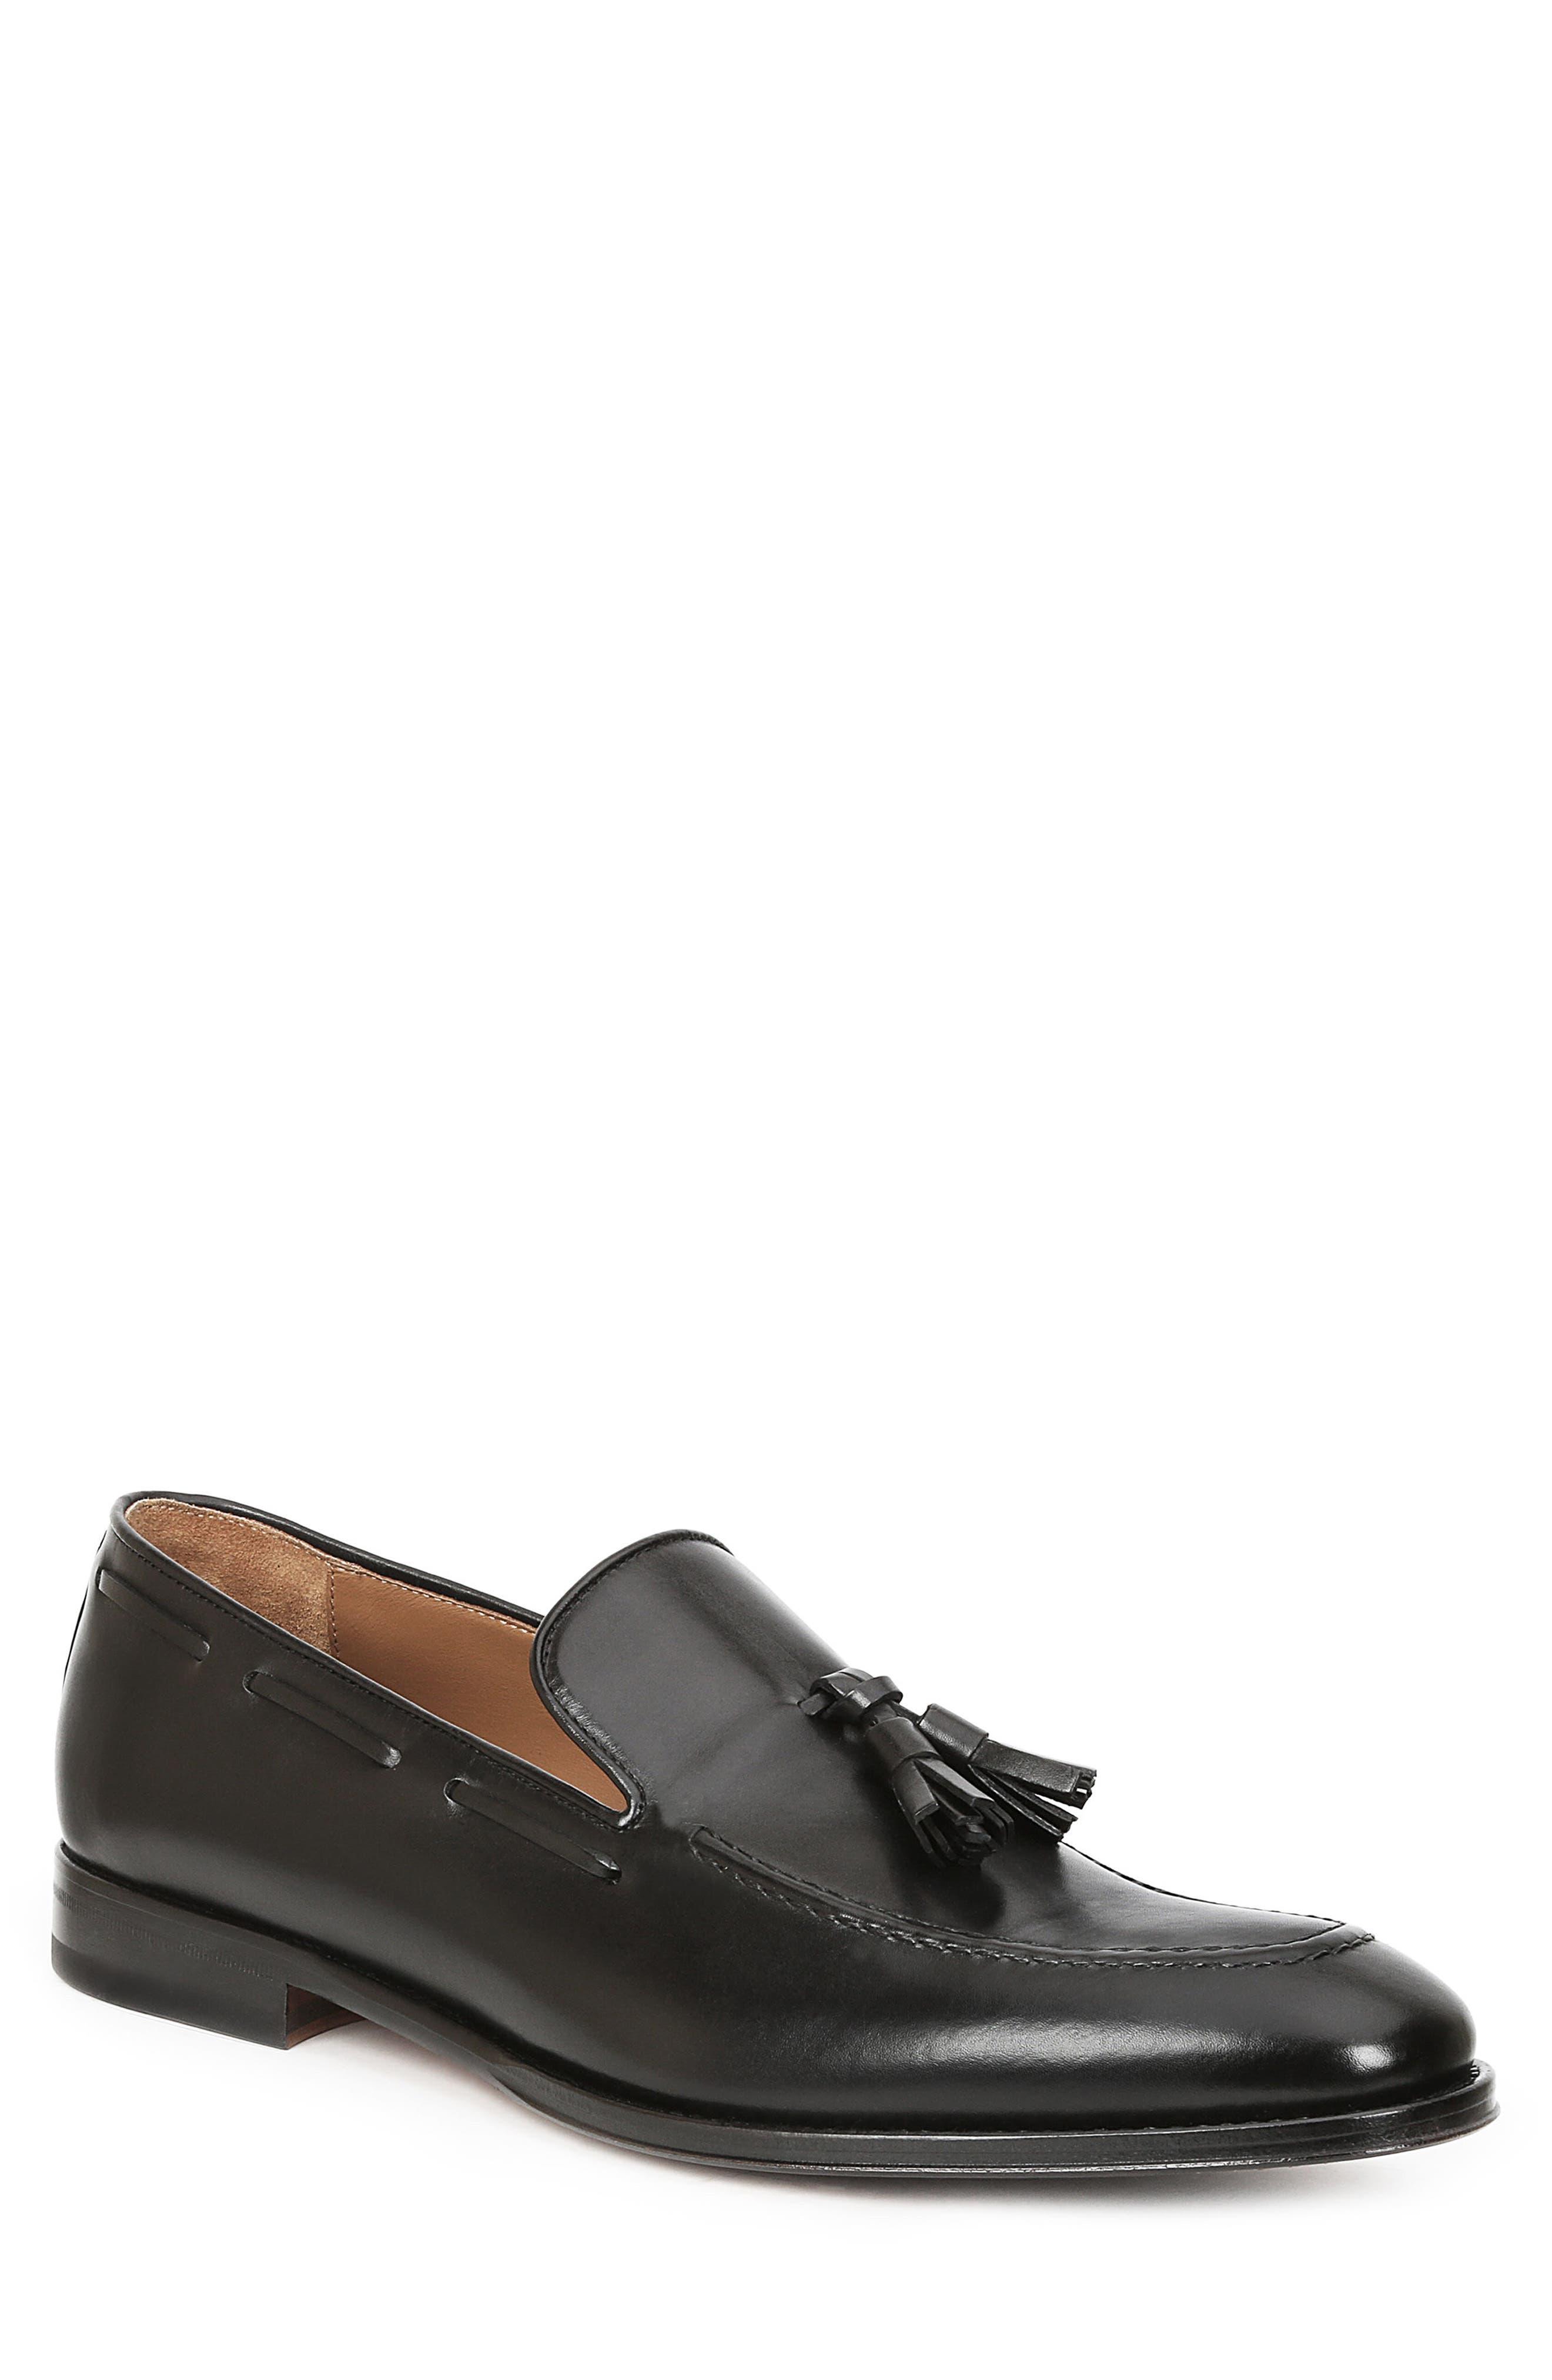 Fabiolo Tasseled Apron Toe Loafer,                         Main,                         color, BLACK